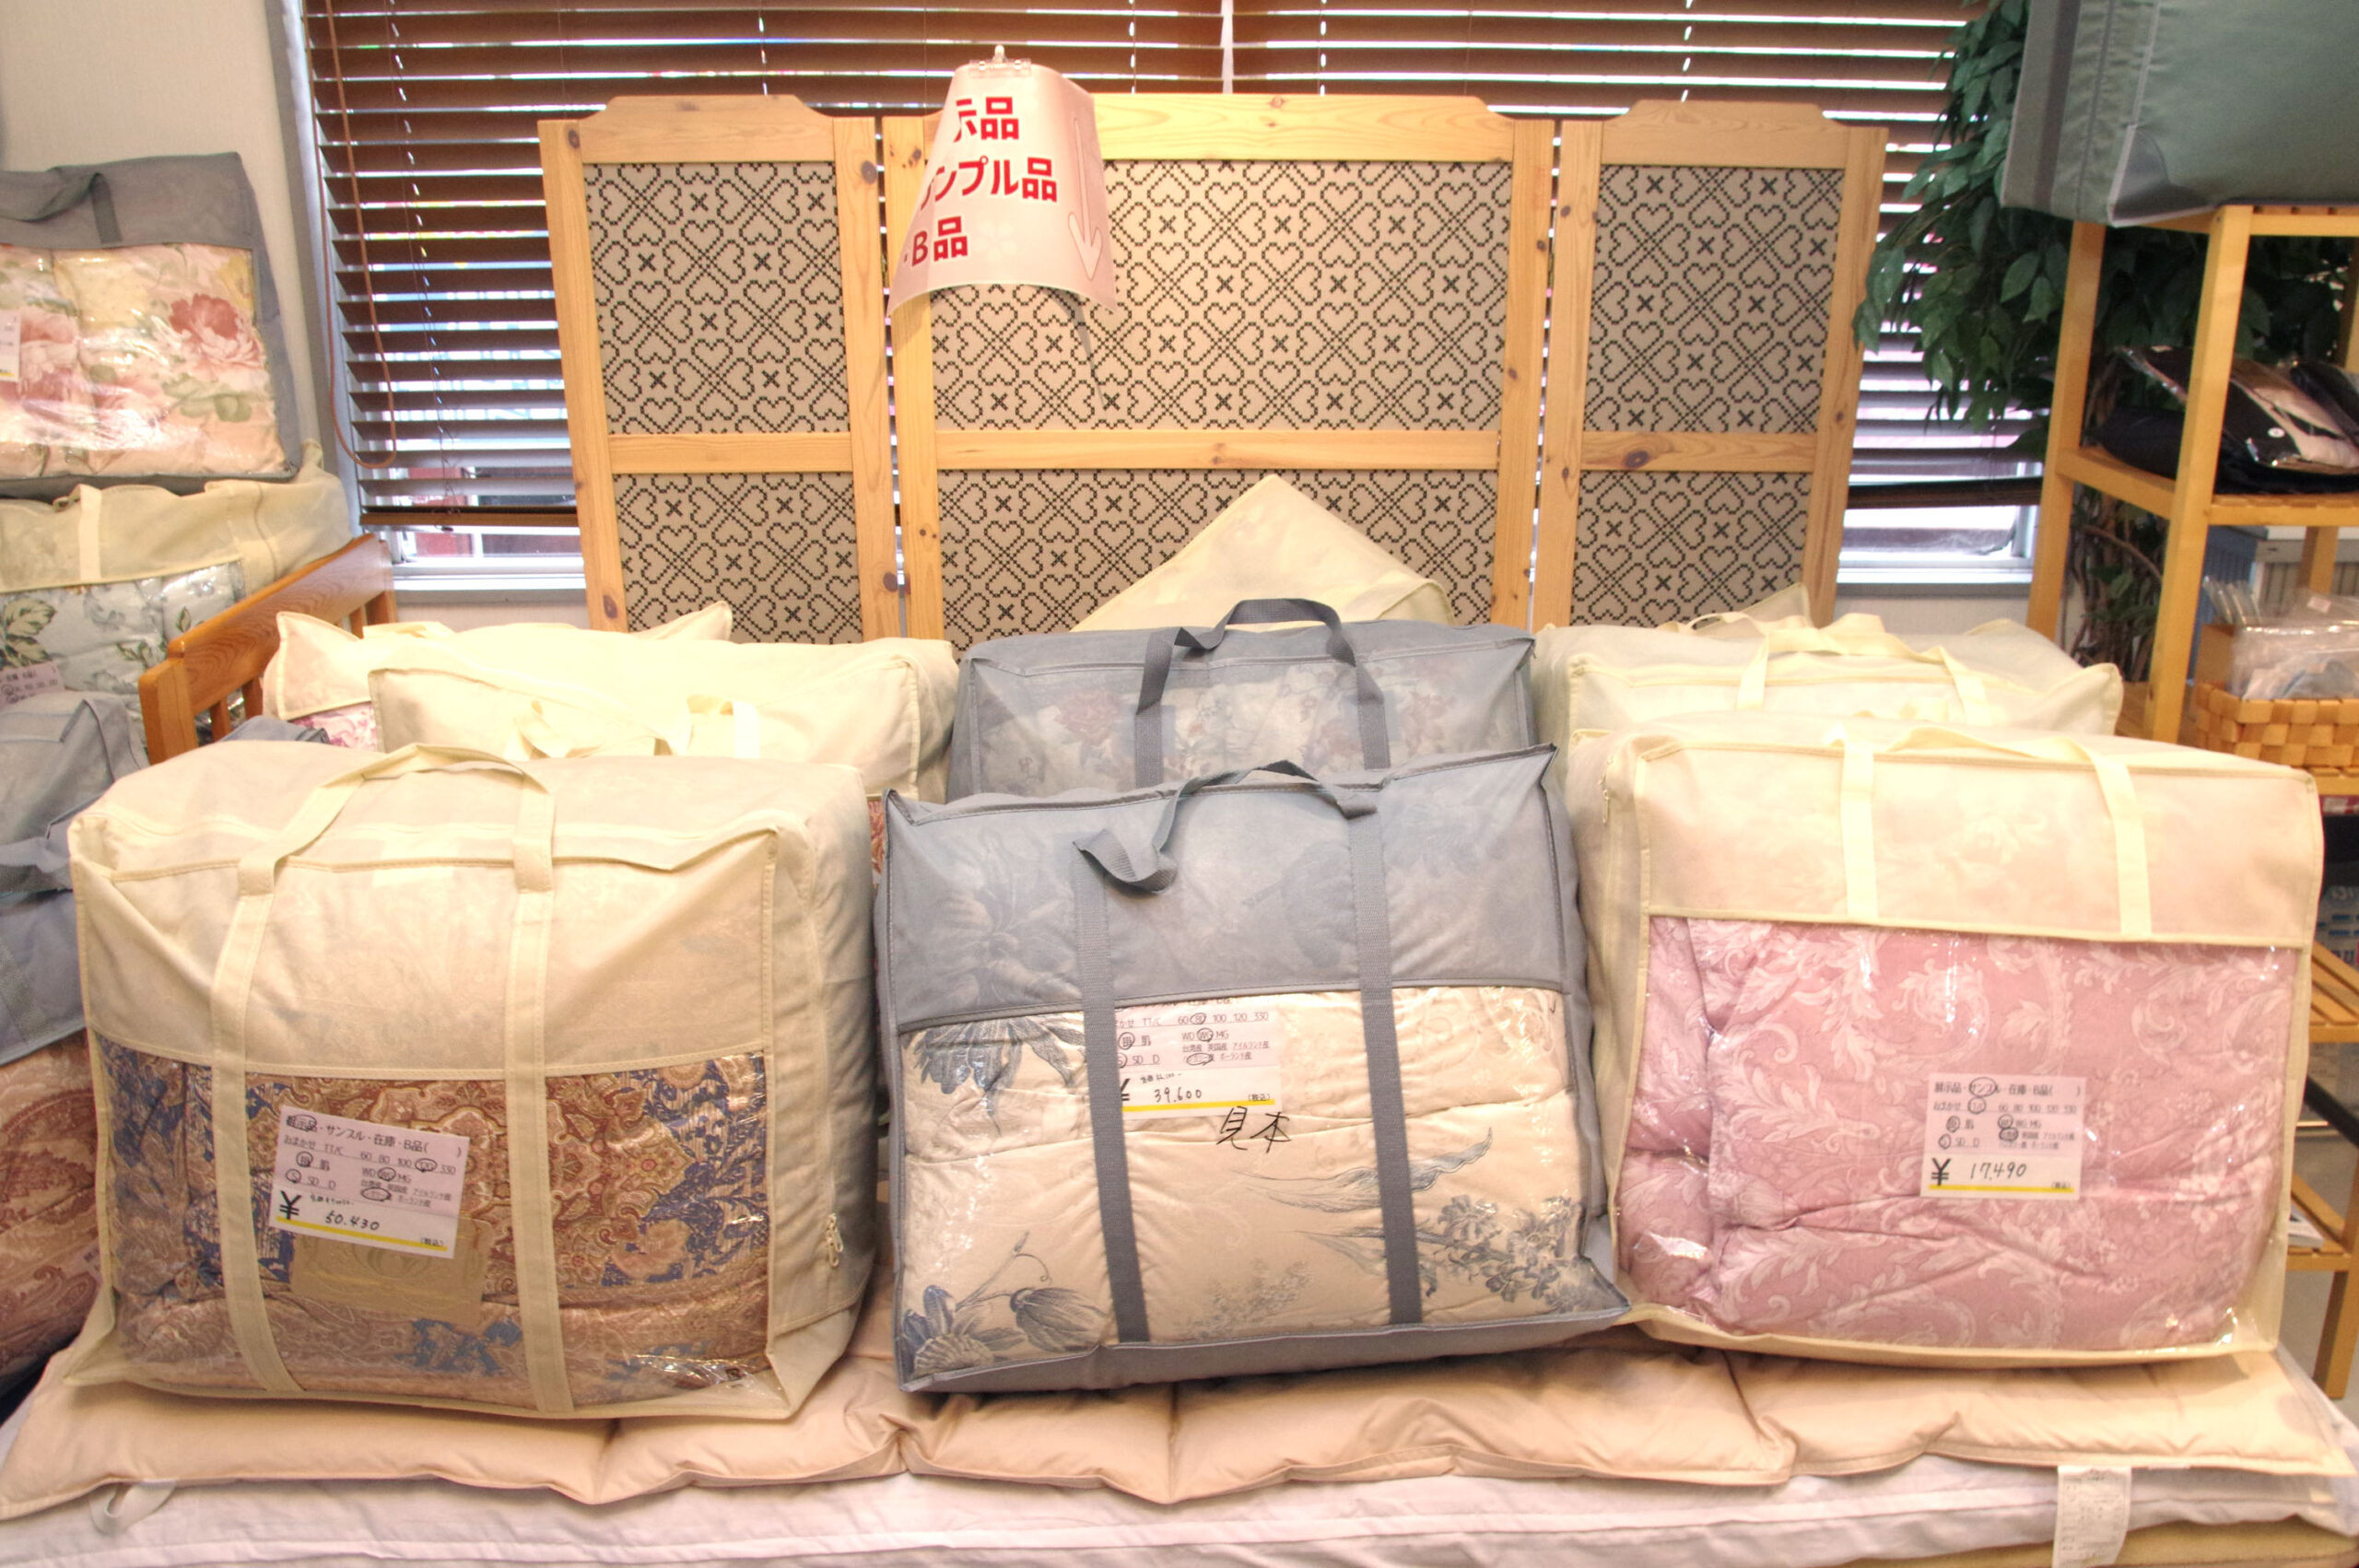 新生活応援キャンペーン:布団の展示サンプル品